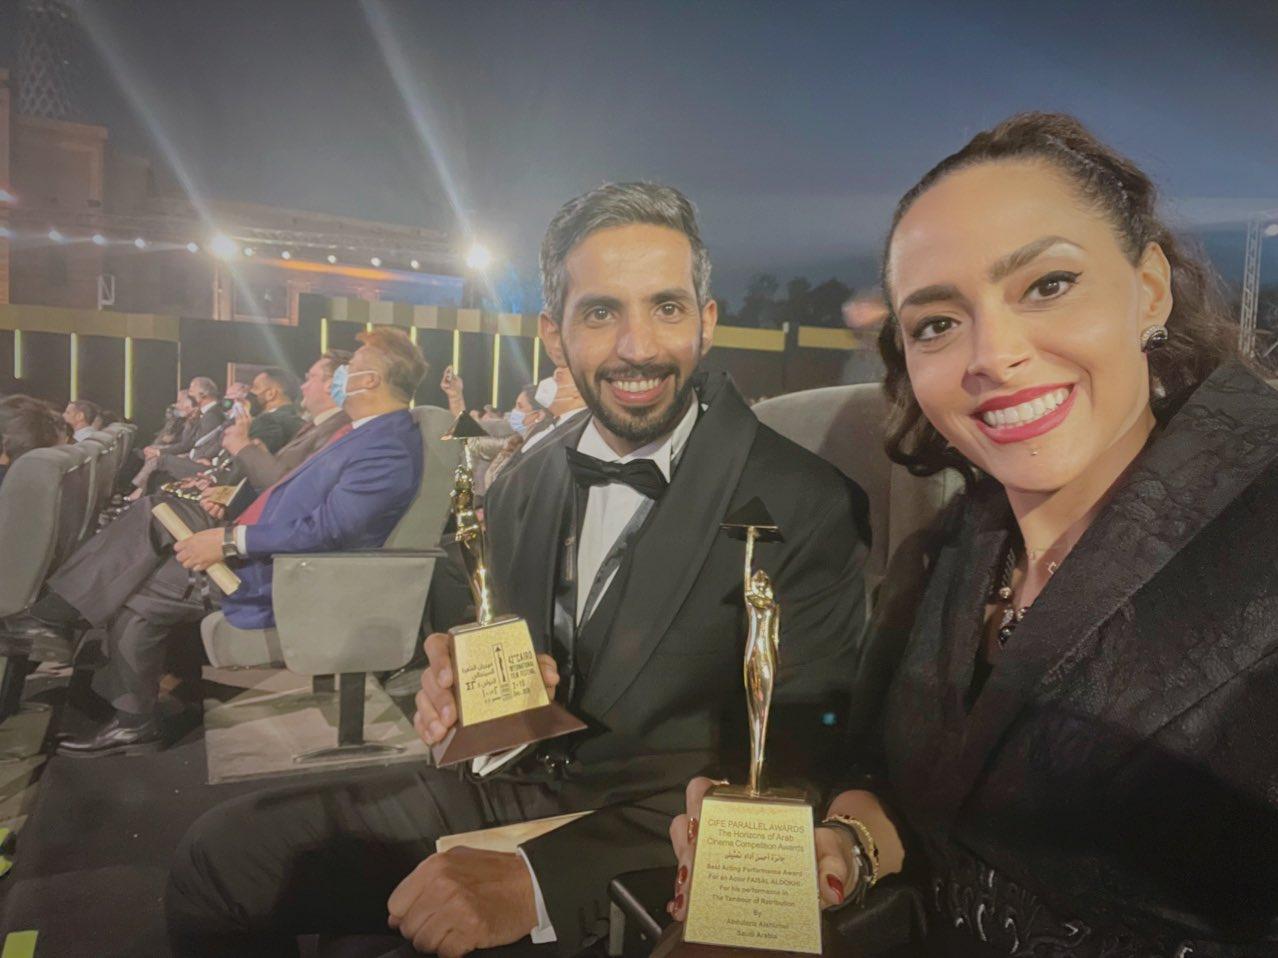 أضوى فهد والمخرج عبد العزيز الشلاحي مع جائزتي مهرجان القاهرة السينمائي الدولي